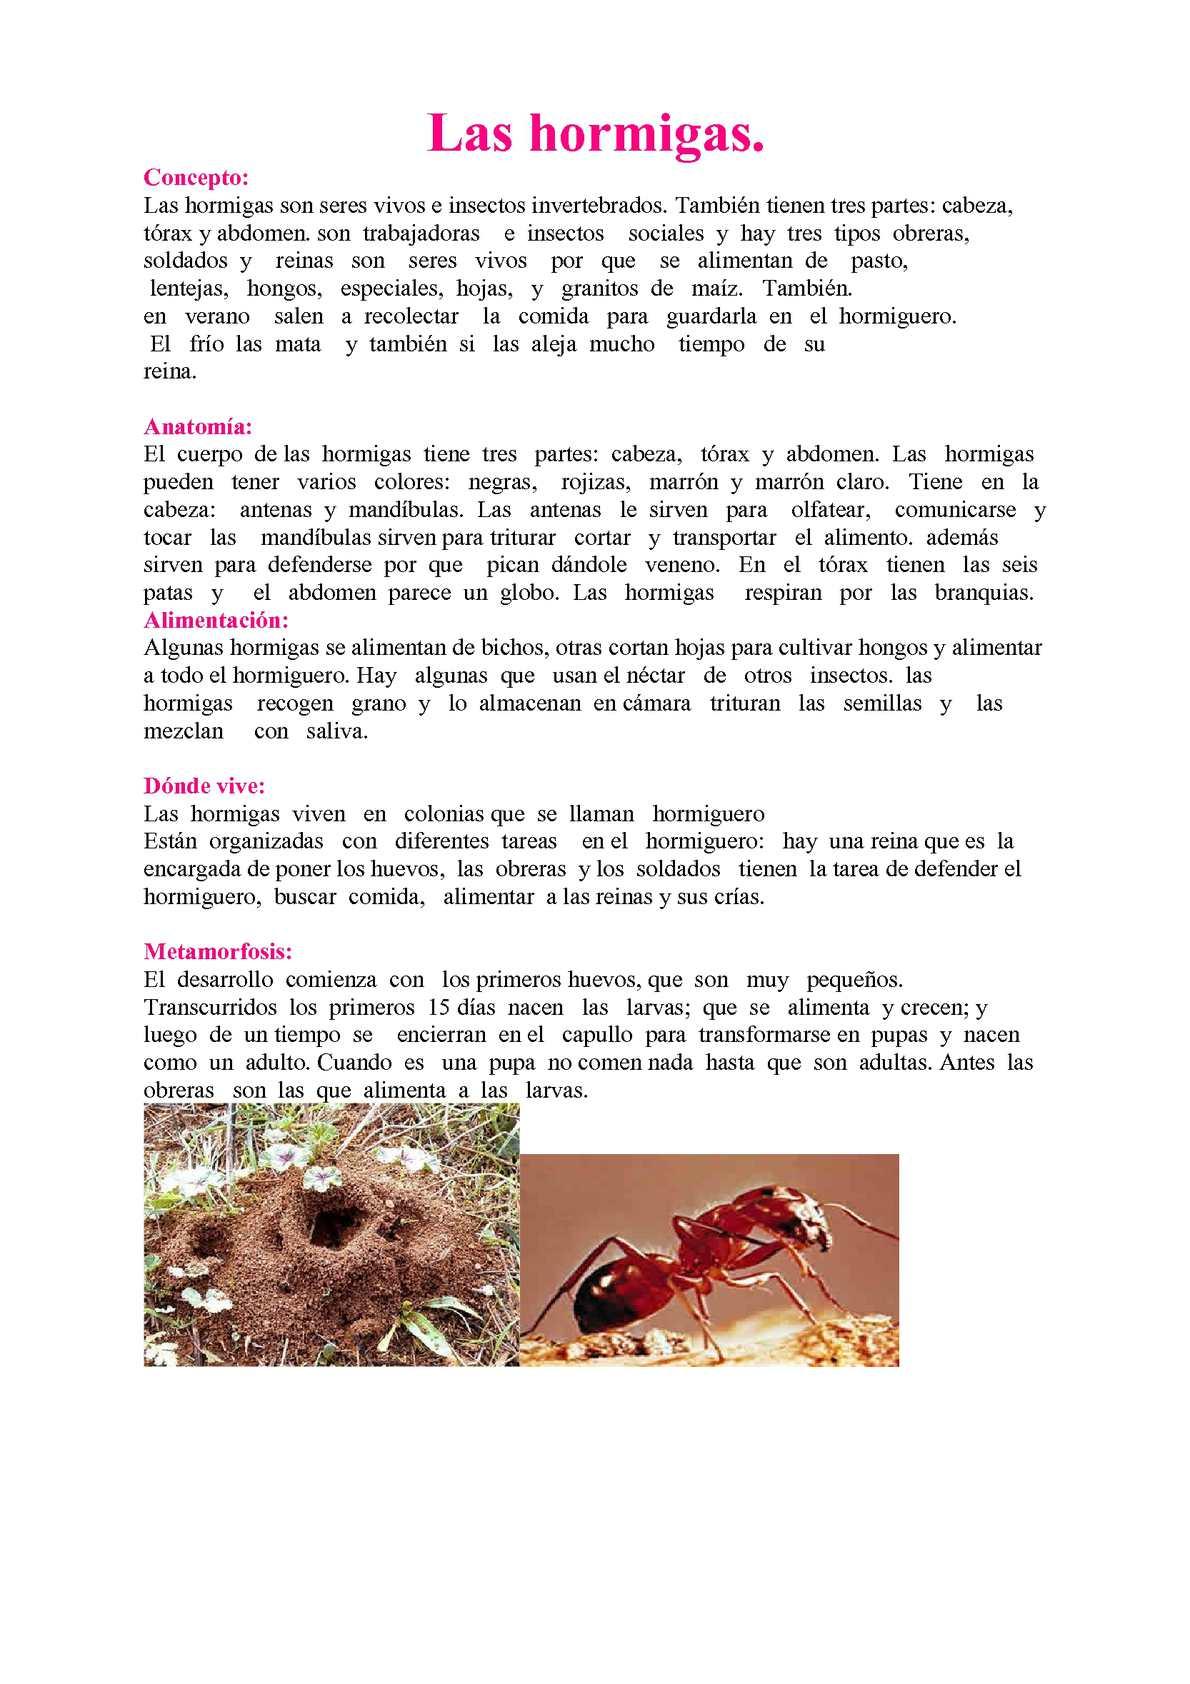 Calaméo - Enciclopedia de Seres Vivos